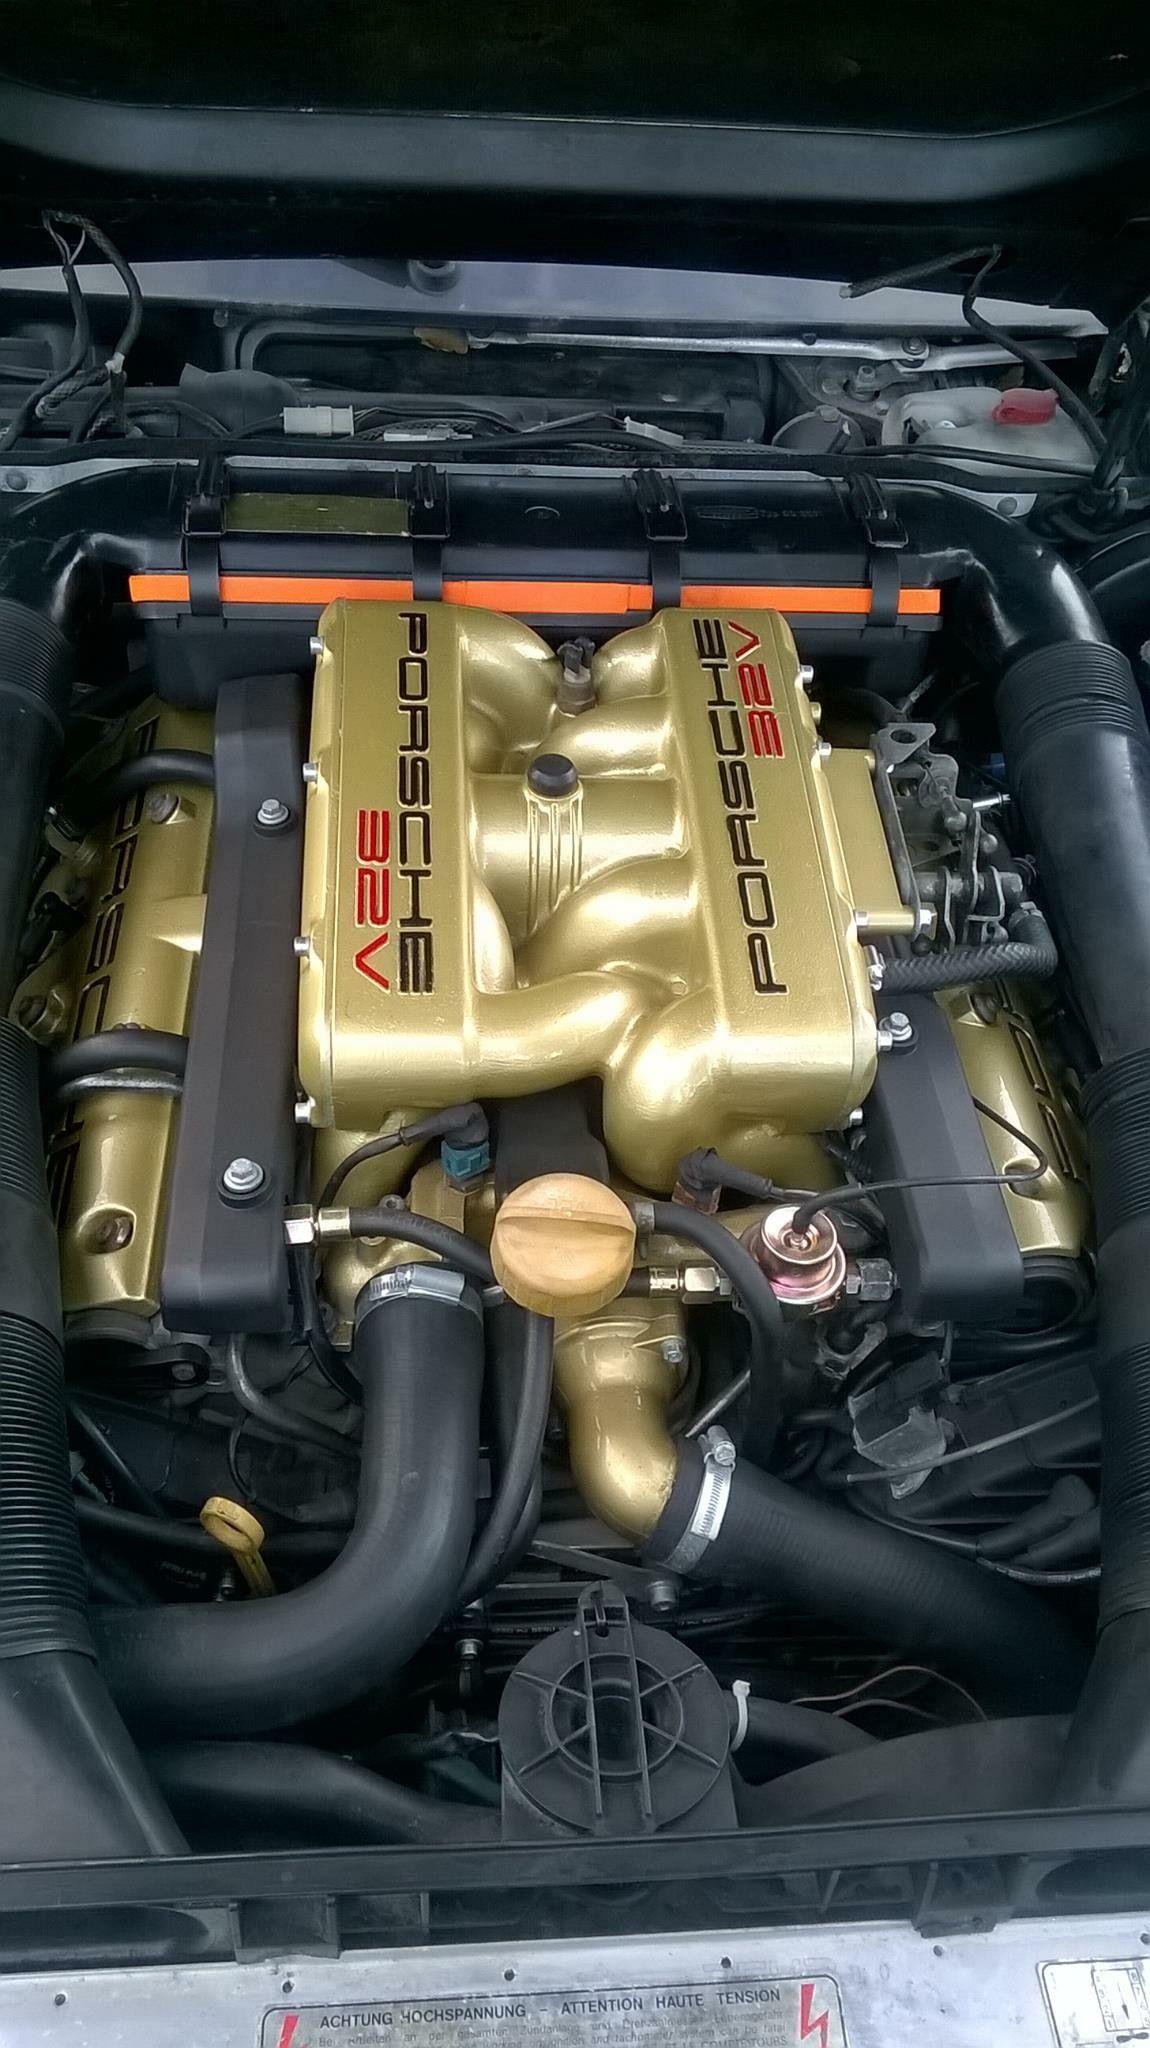 Porsche 928 32v Engine In Gold Porsche Transaxles Porsche 928